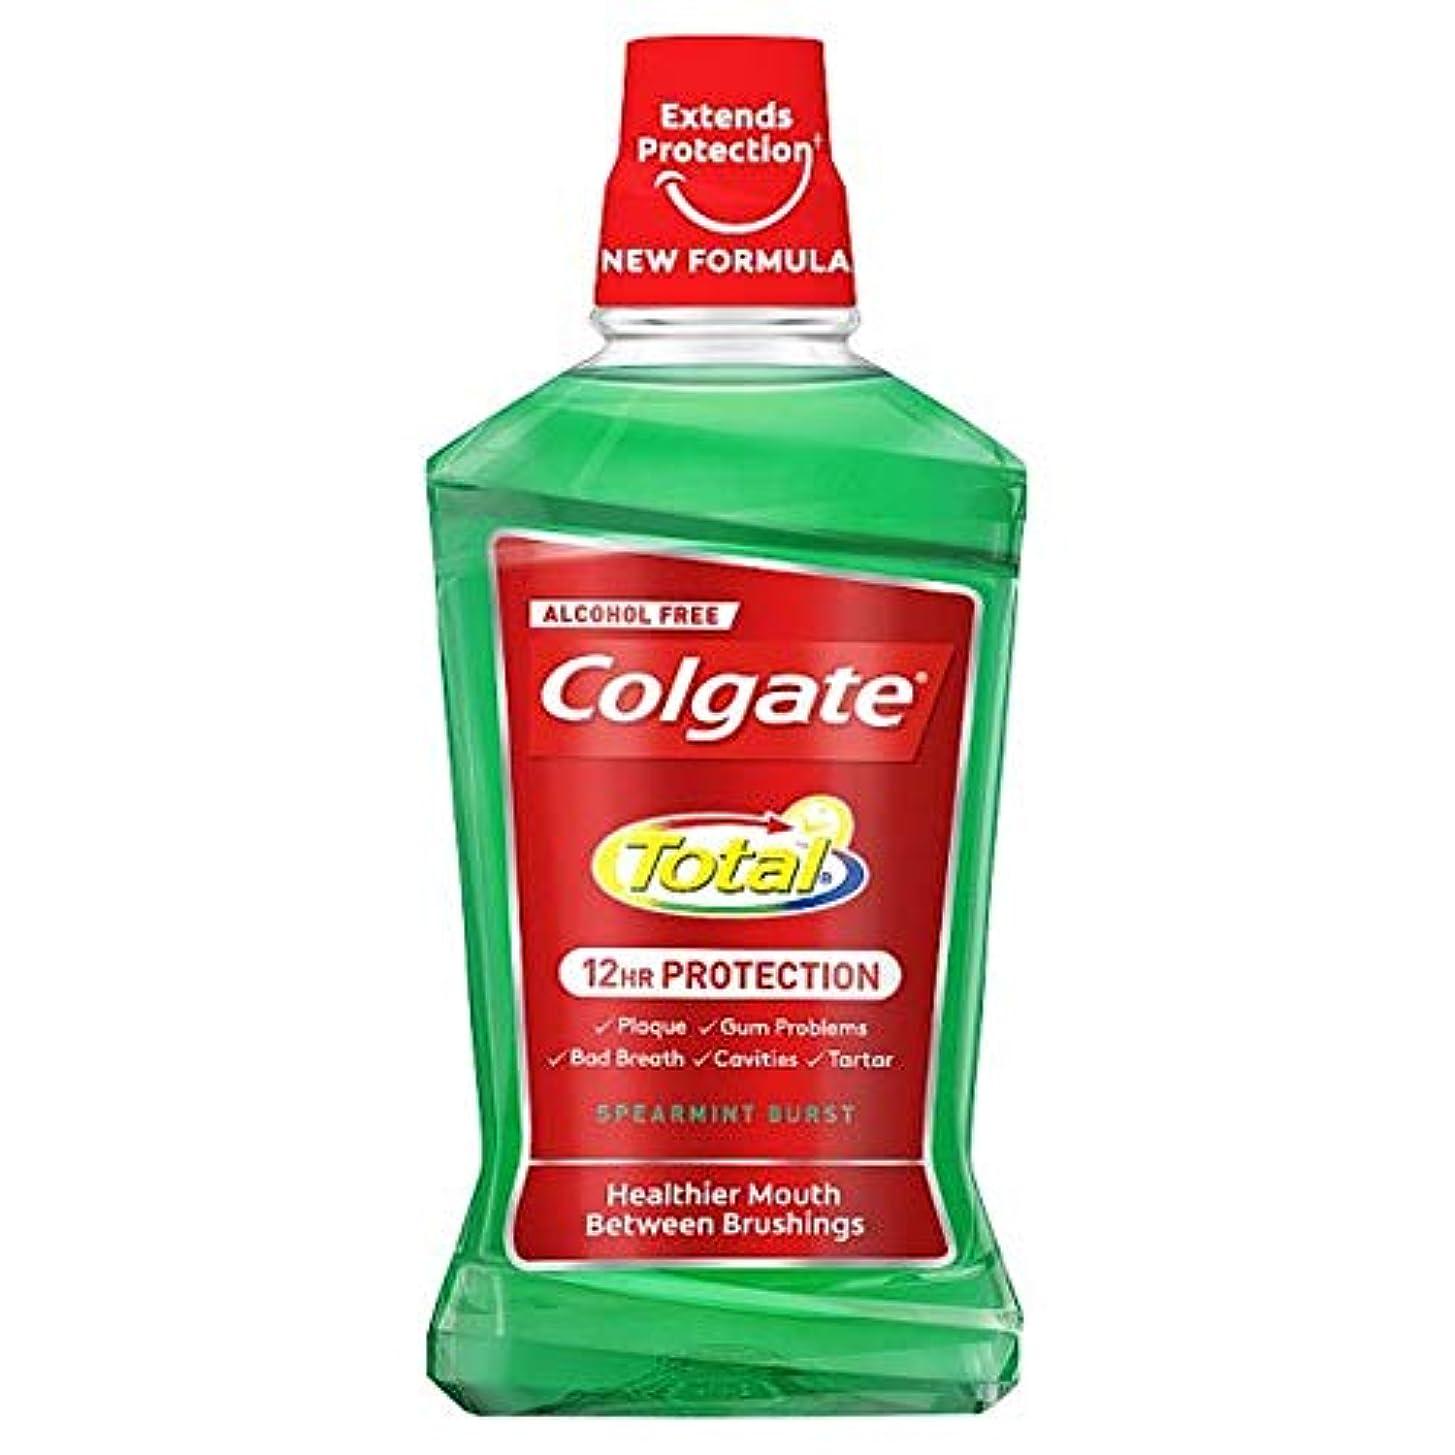 幻影みがきます脱走[Colgate ] コルゲートトータル高度なスペアミントマウスウォッシュ500ミリリットル - Colgate Total Advanced Spearmint Mouthwash 500Ml [並行輸入品]